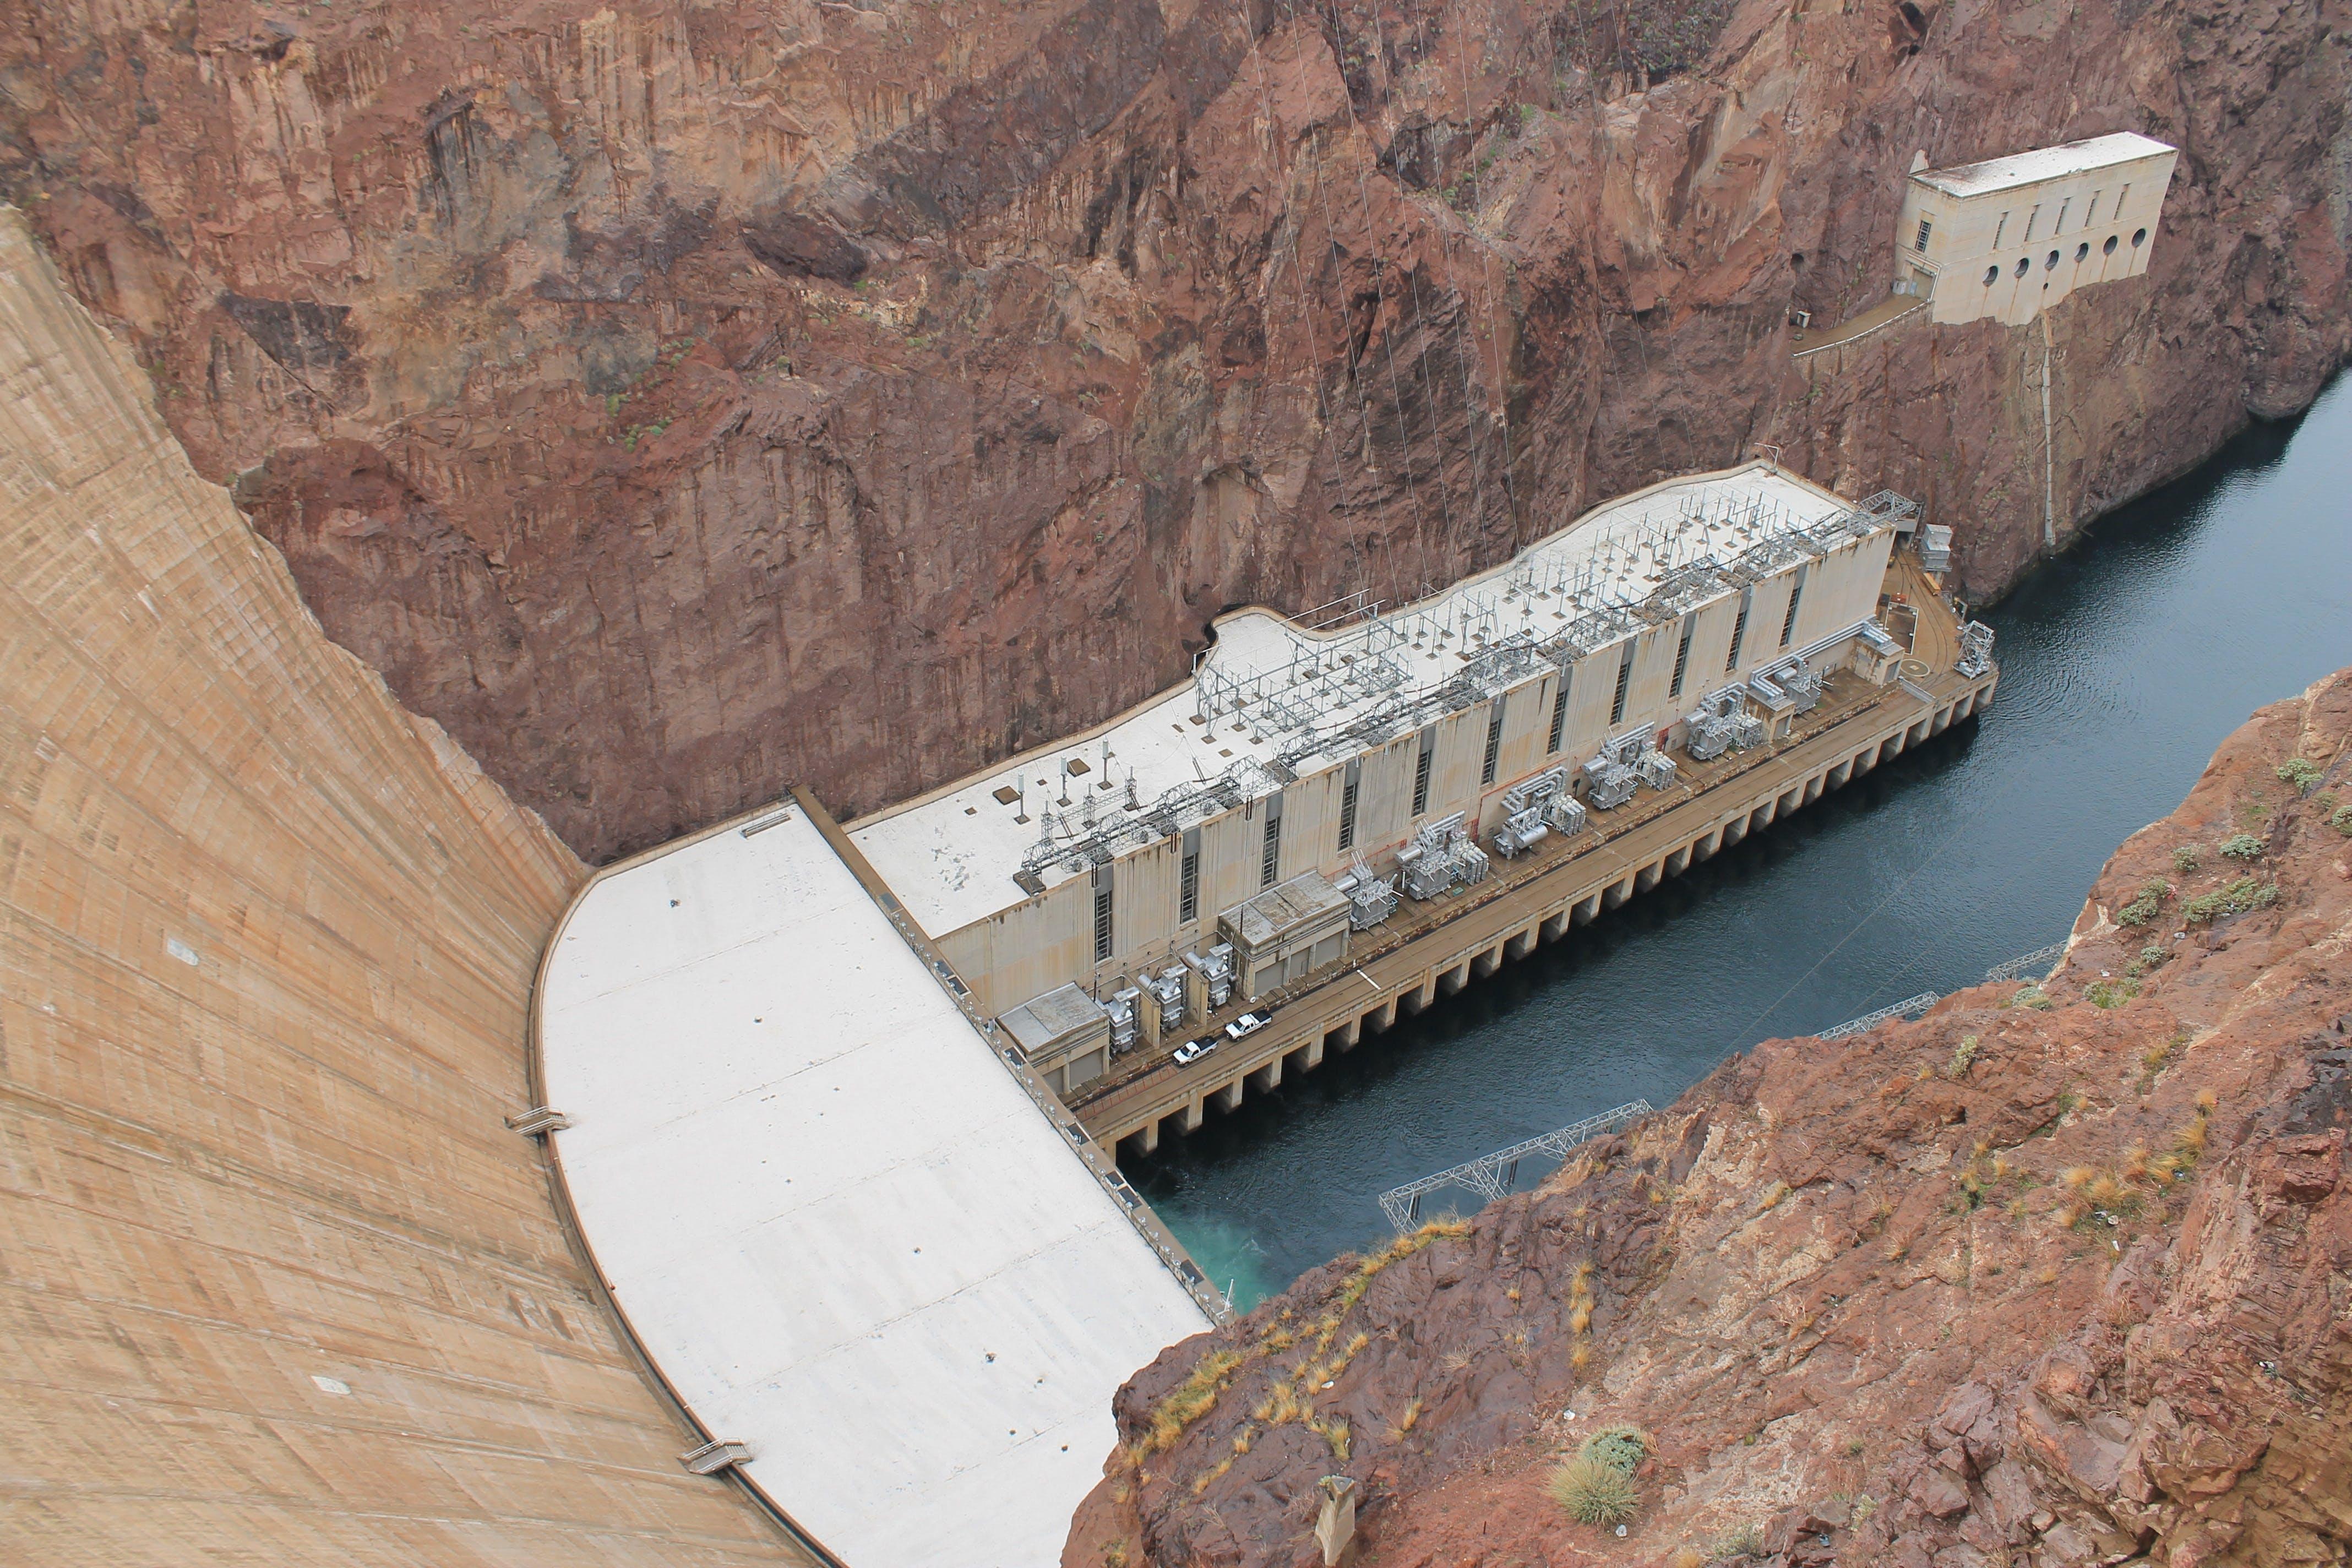 Water Dam Between Rocks